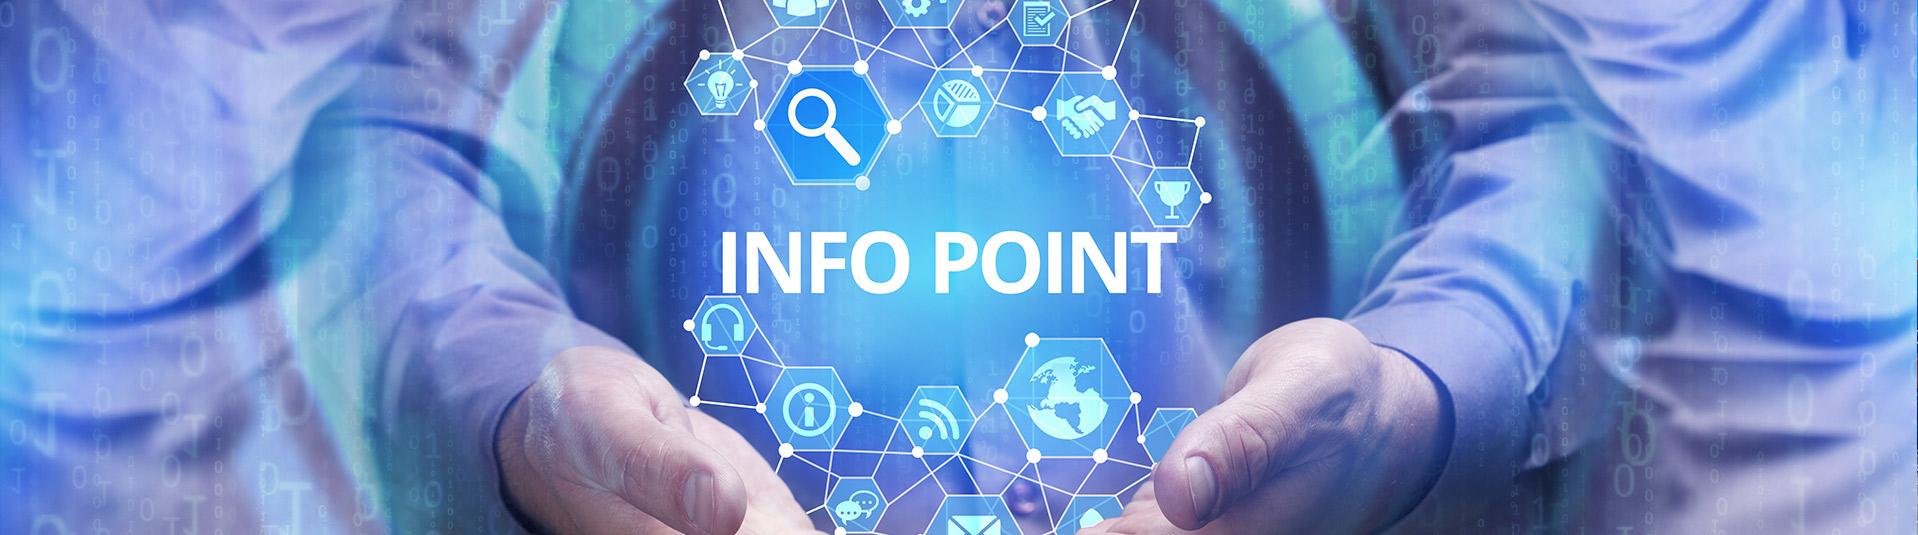 header_infopoint